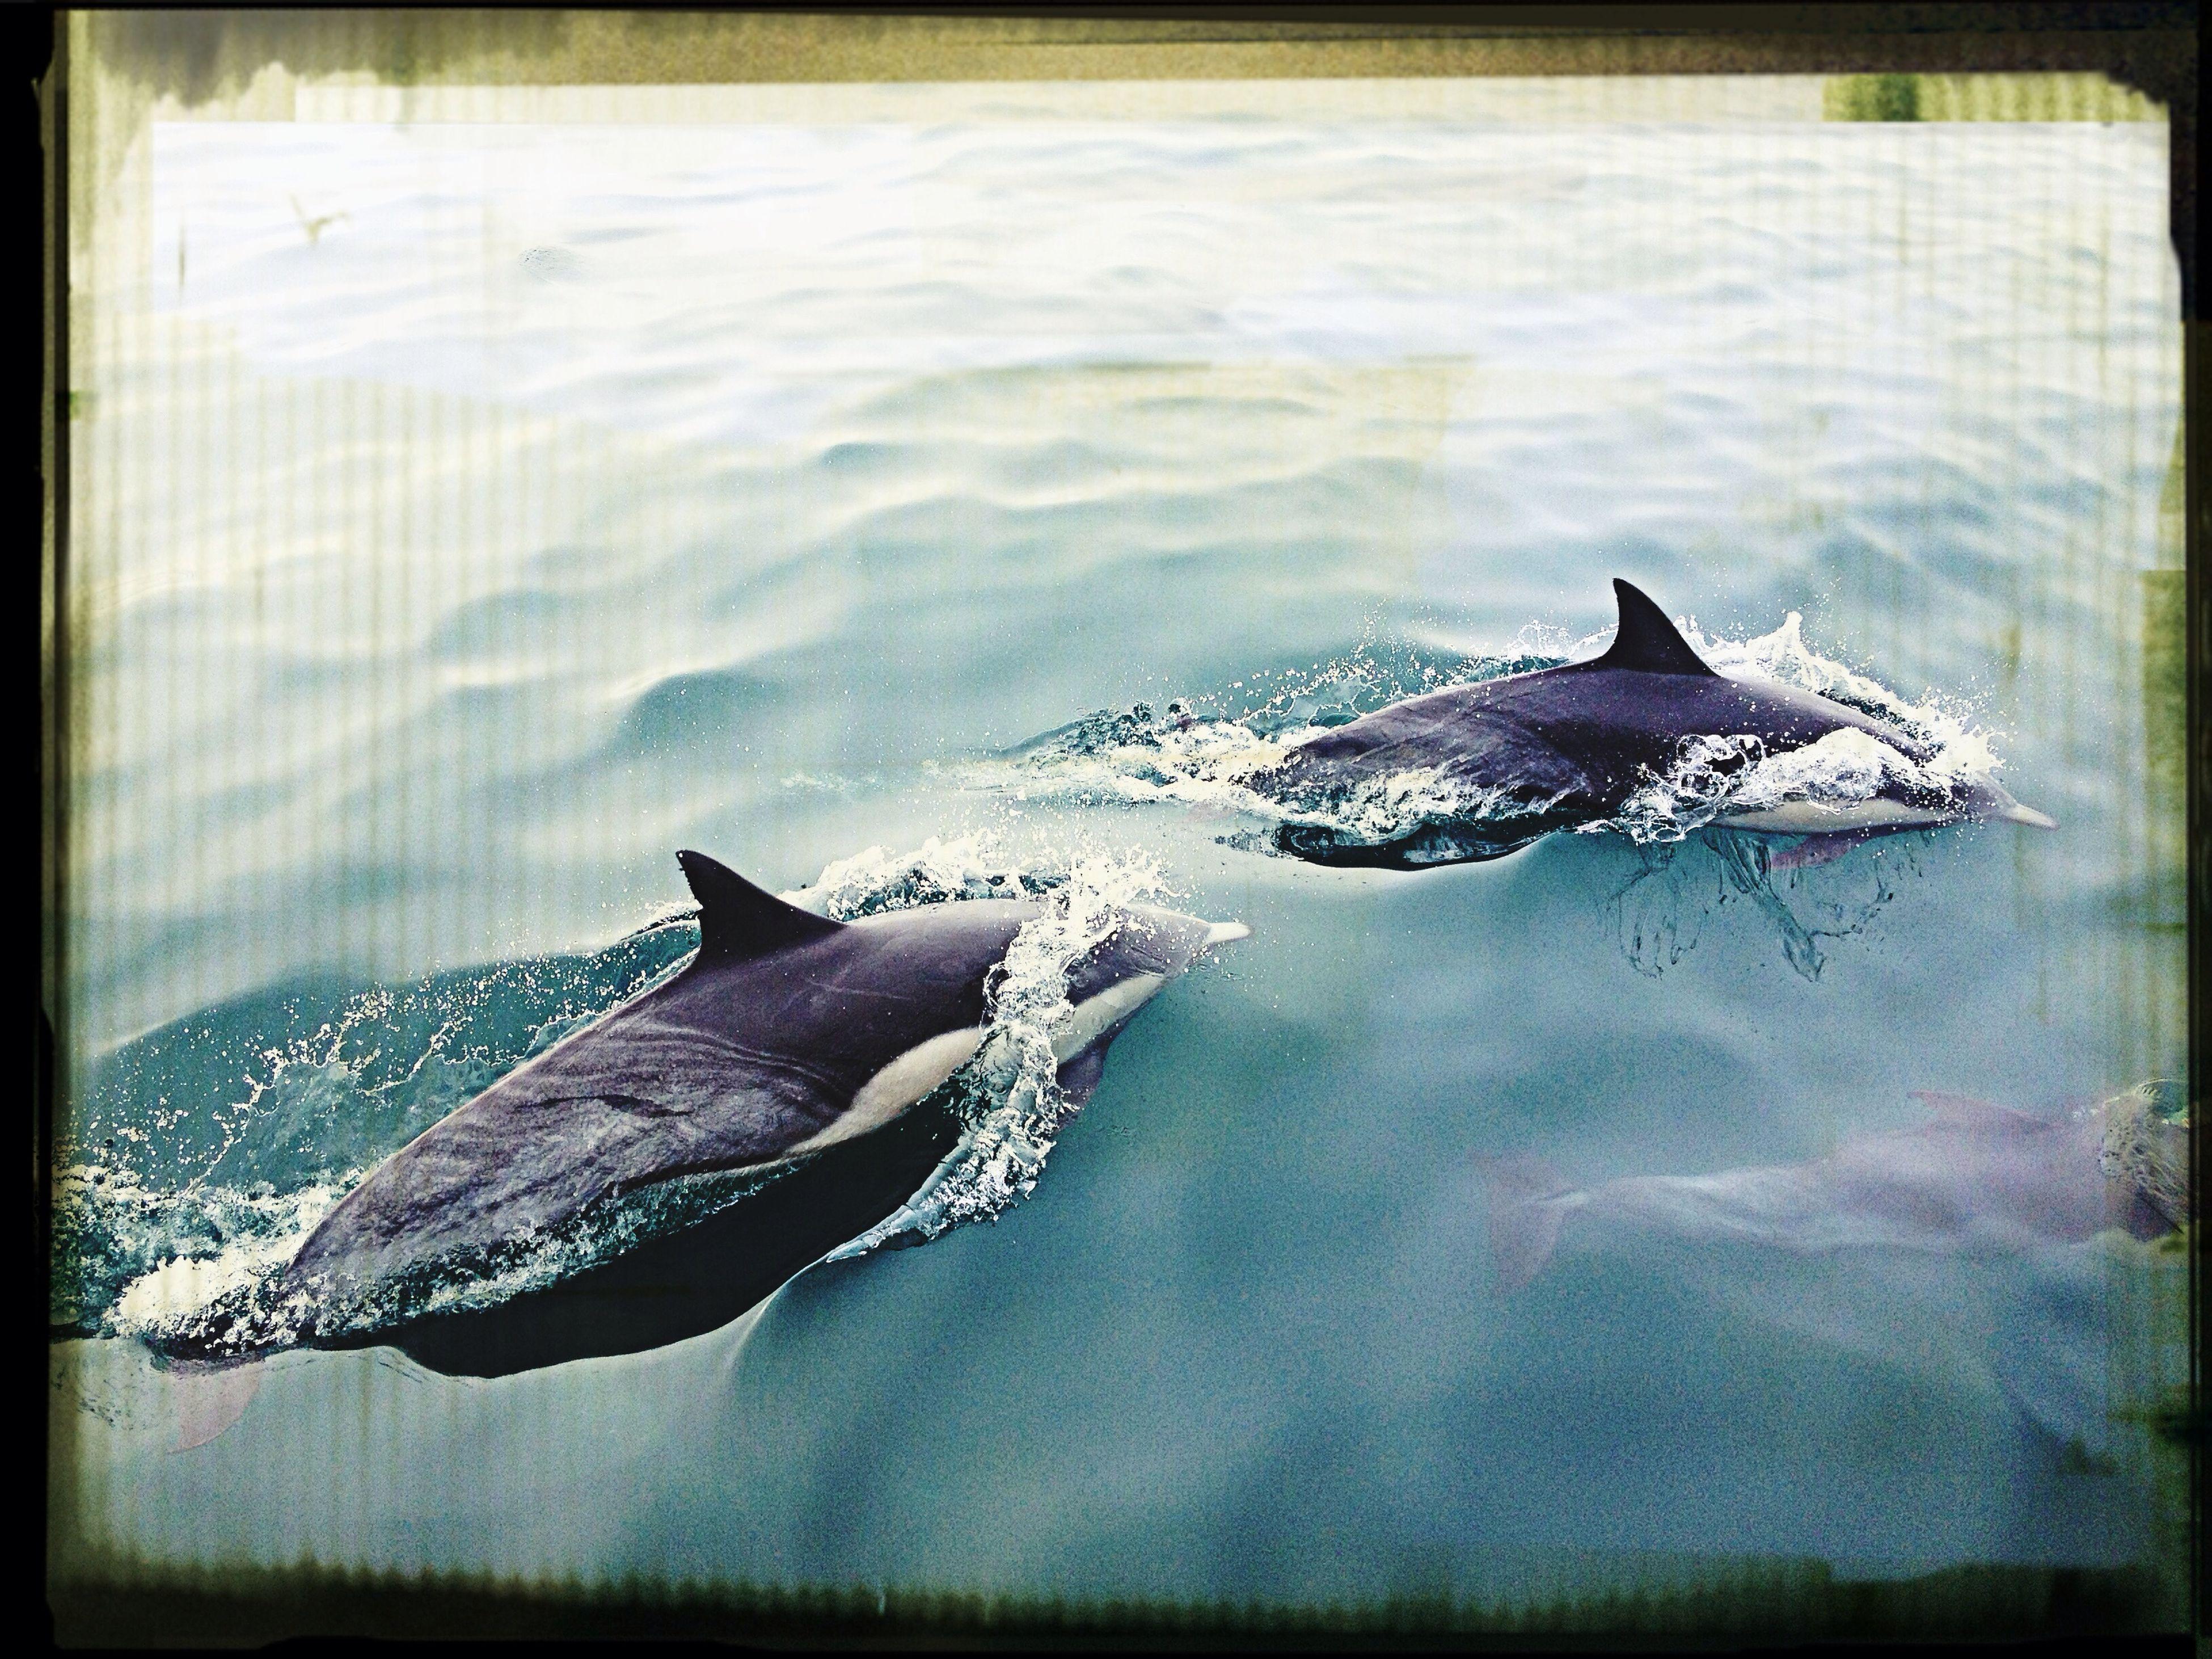 Ocean California Dolphins Amazing